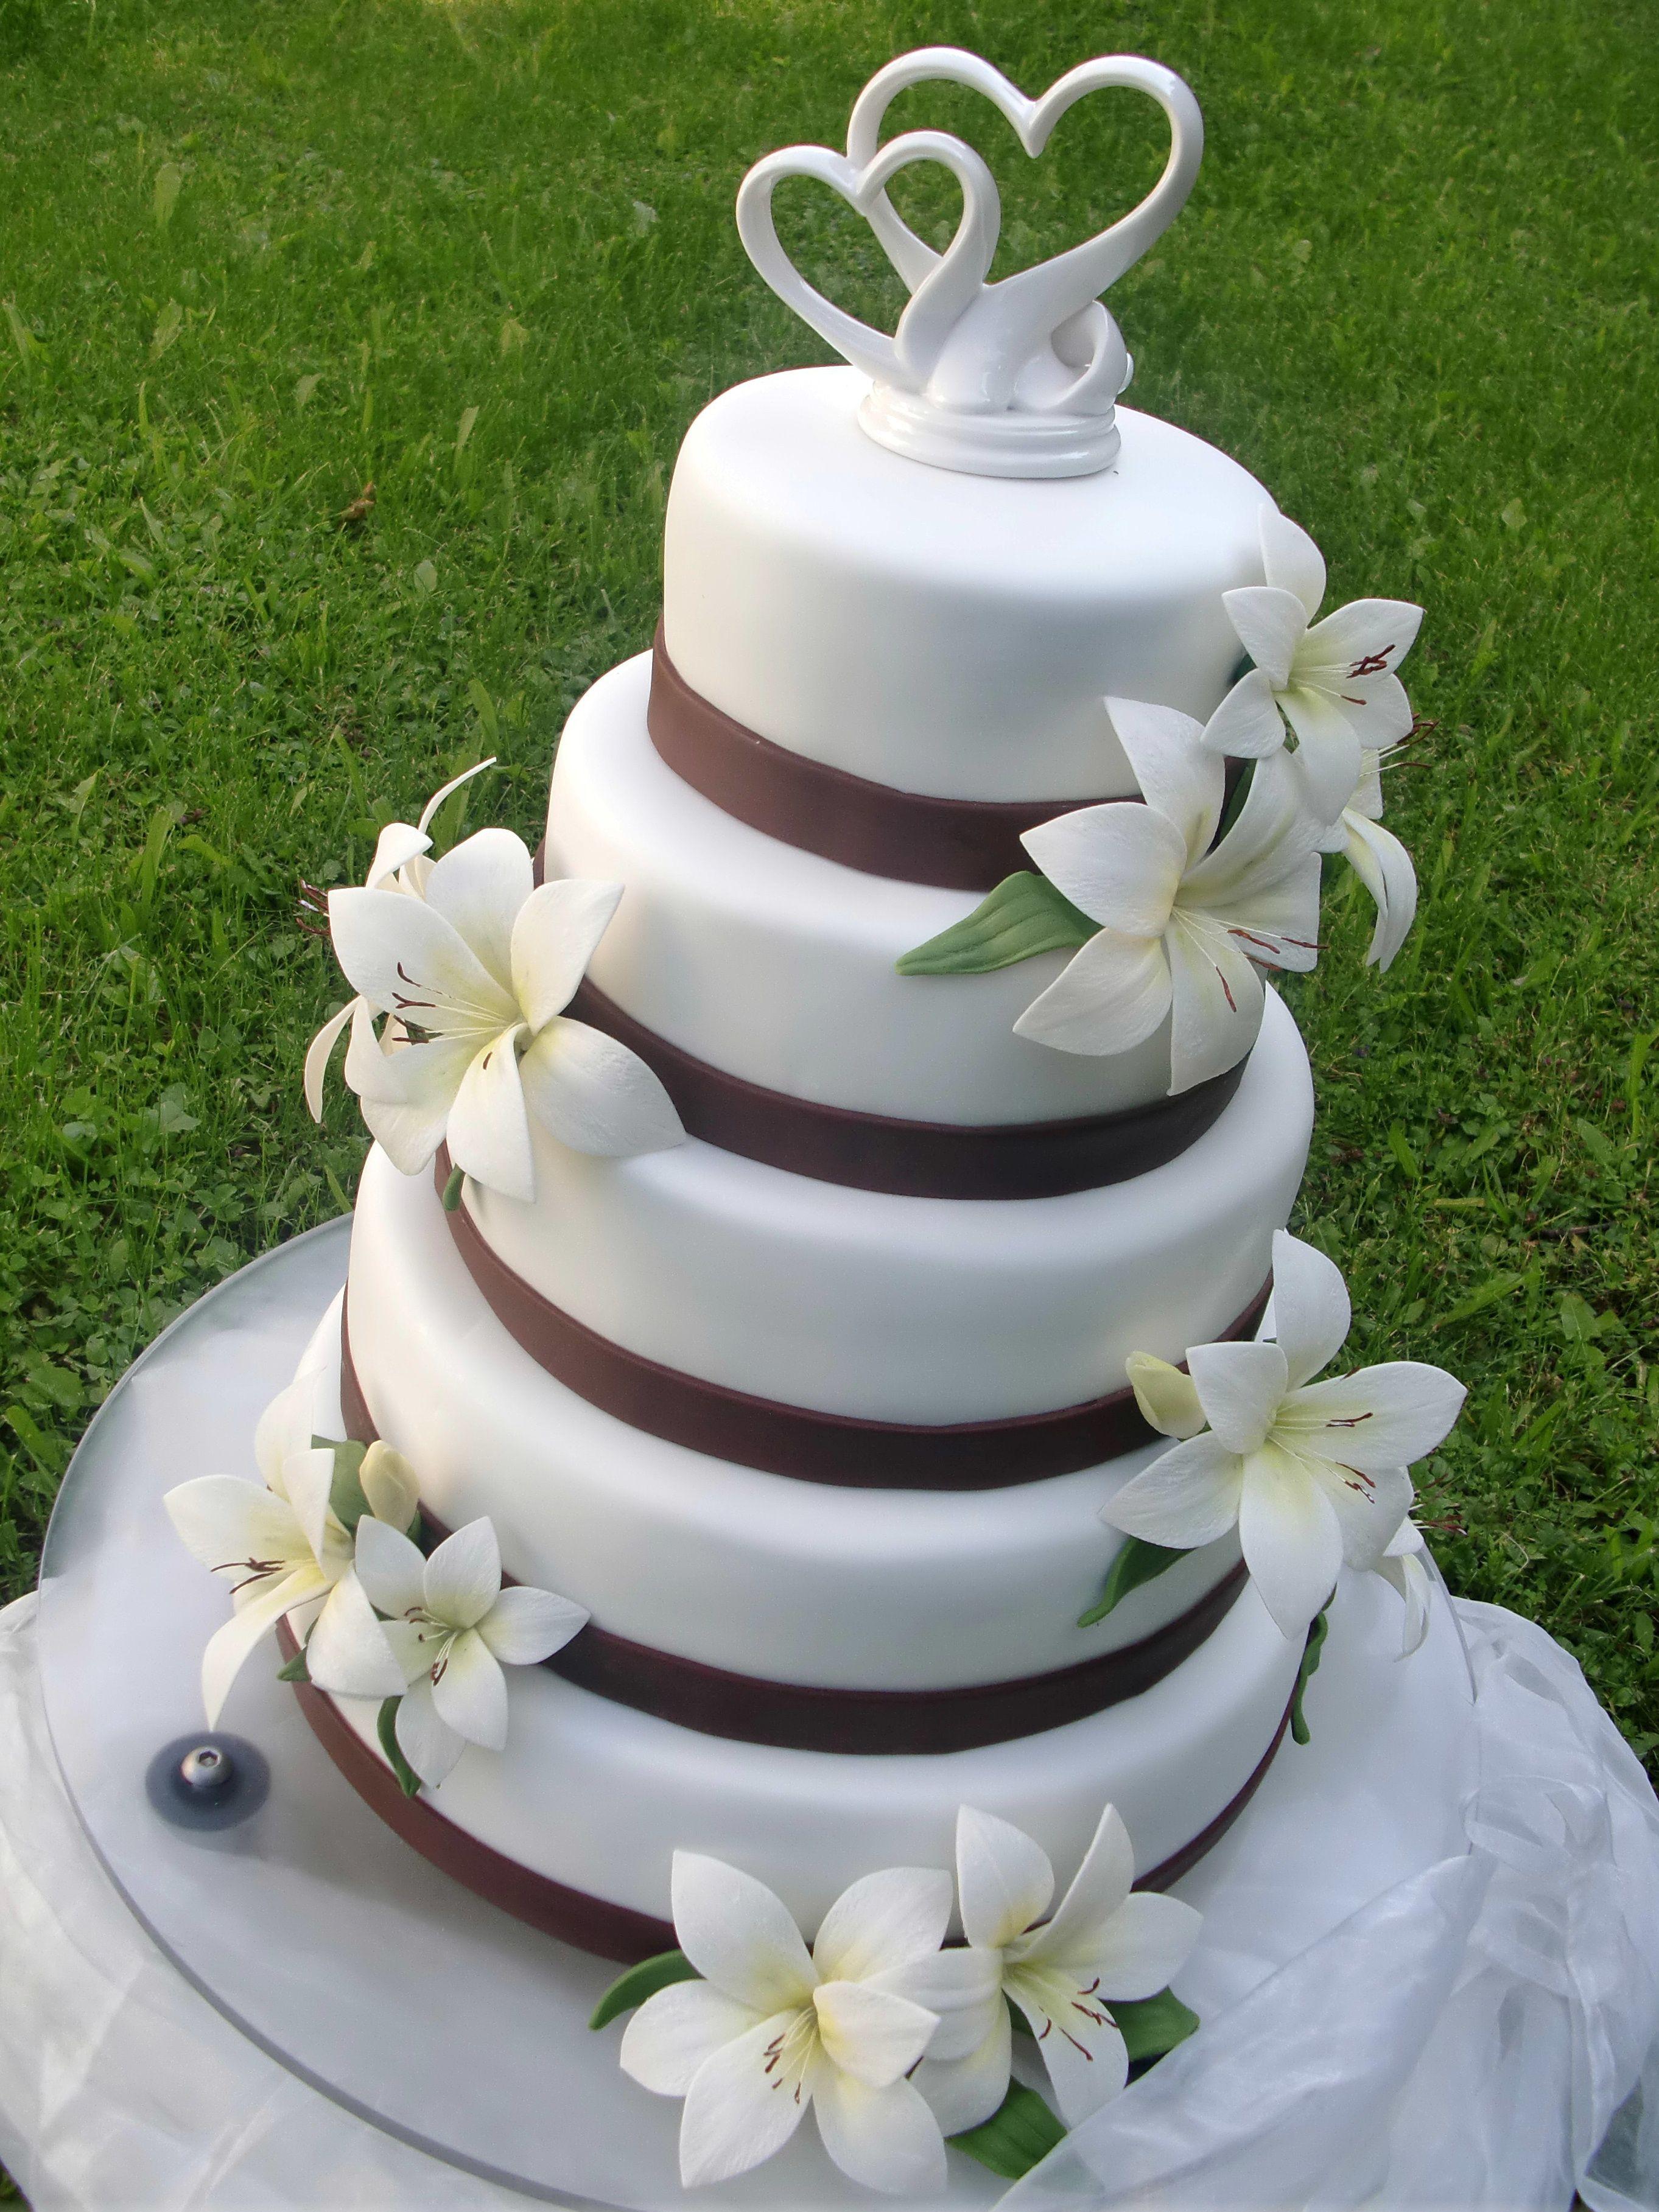 Hochzeitstorte Lili  tortentraumde  Hochzeitstorte